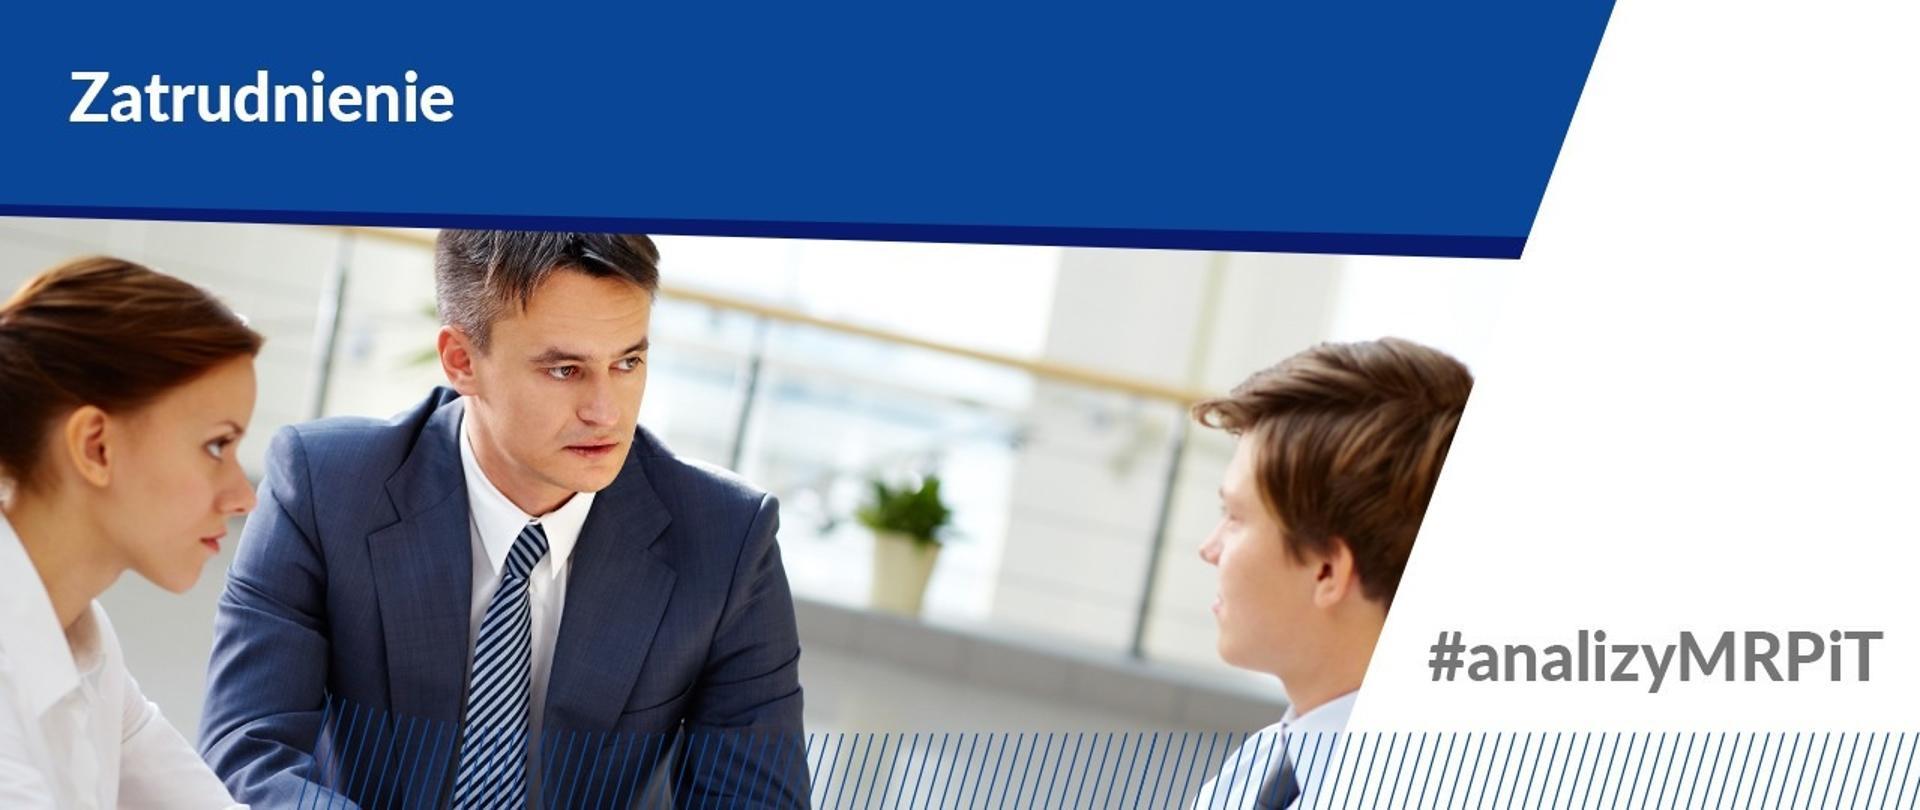 Wzrost bezrobocia w lutym 2021 r. - dwóch mężczyzn i kobieta siedzą w biurze